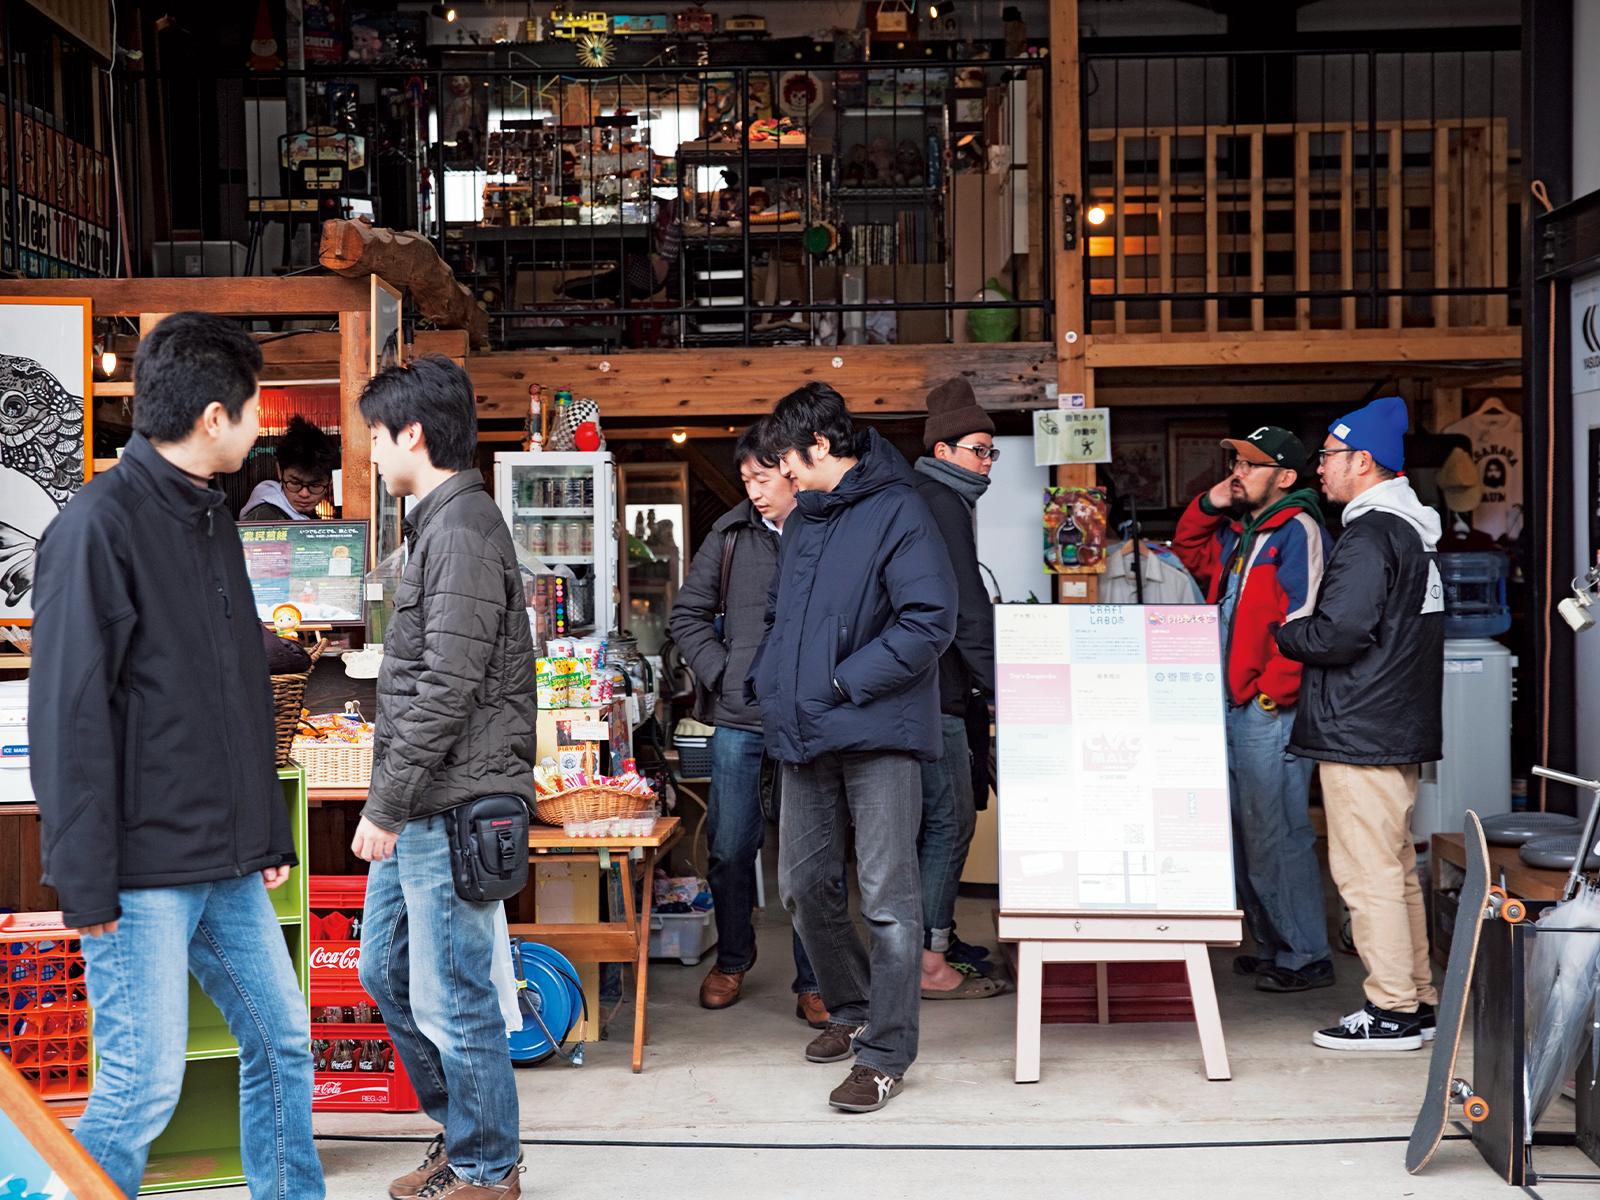 多様な客が訪れる。男性客らはゲーム「ウォーハンマー」を目当てに訪れた。